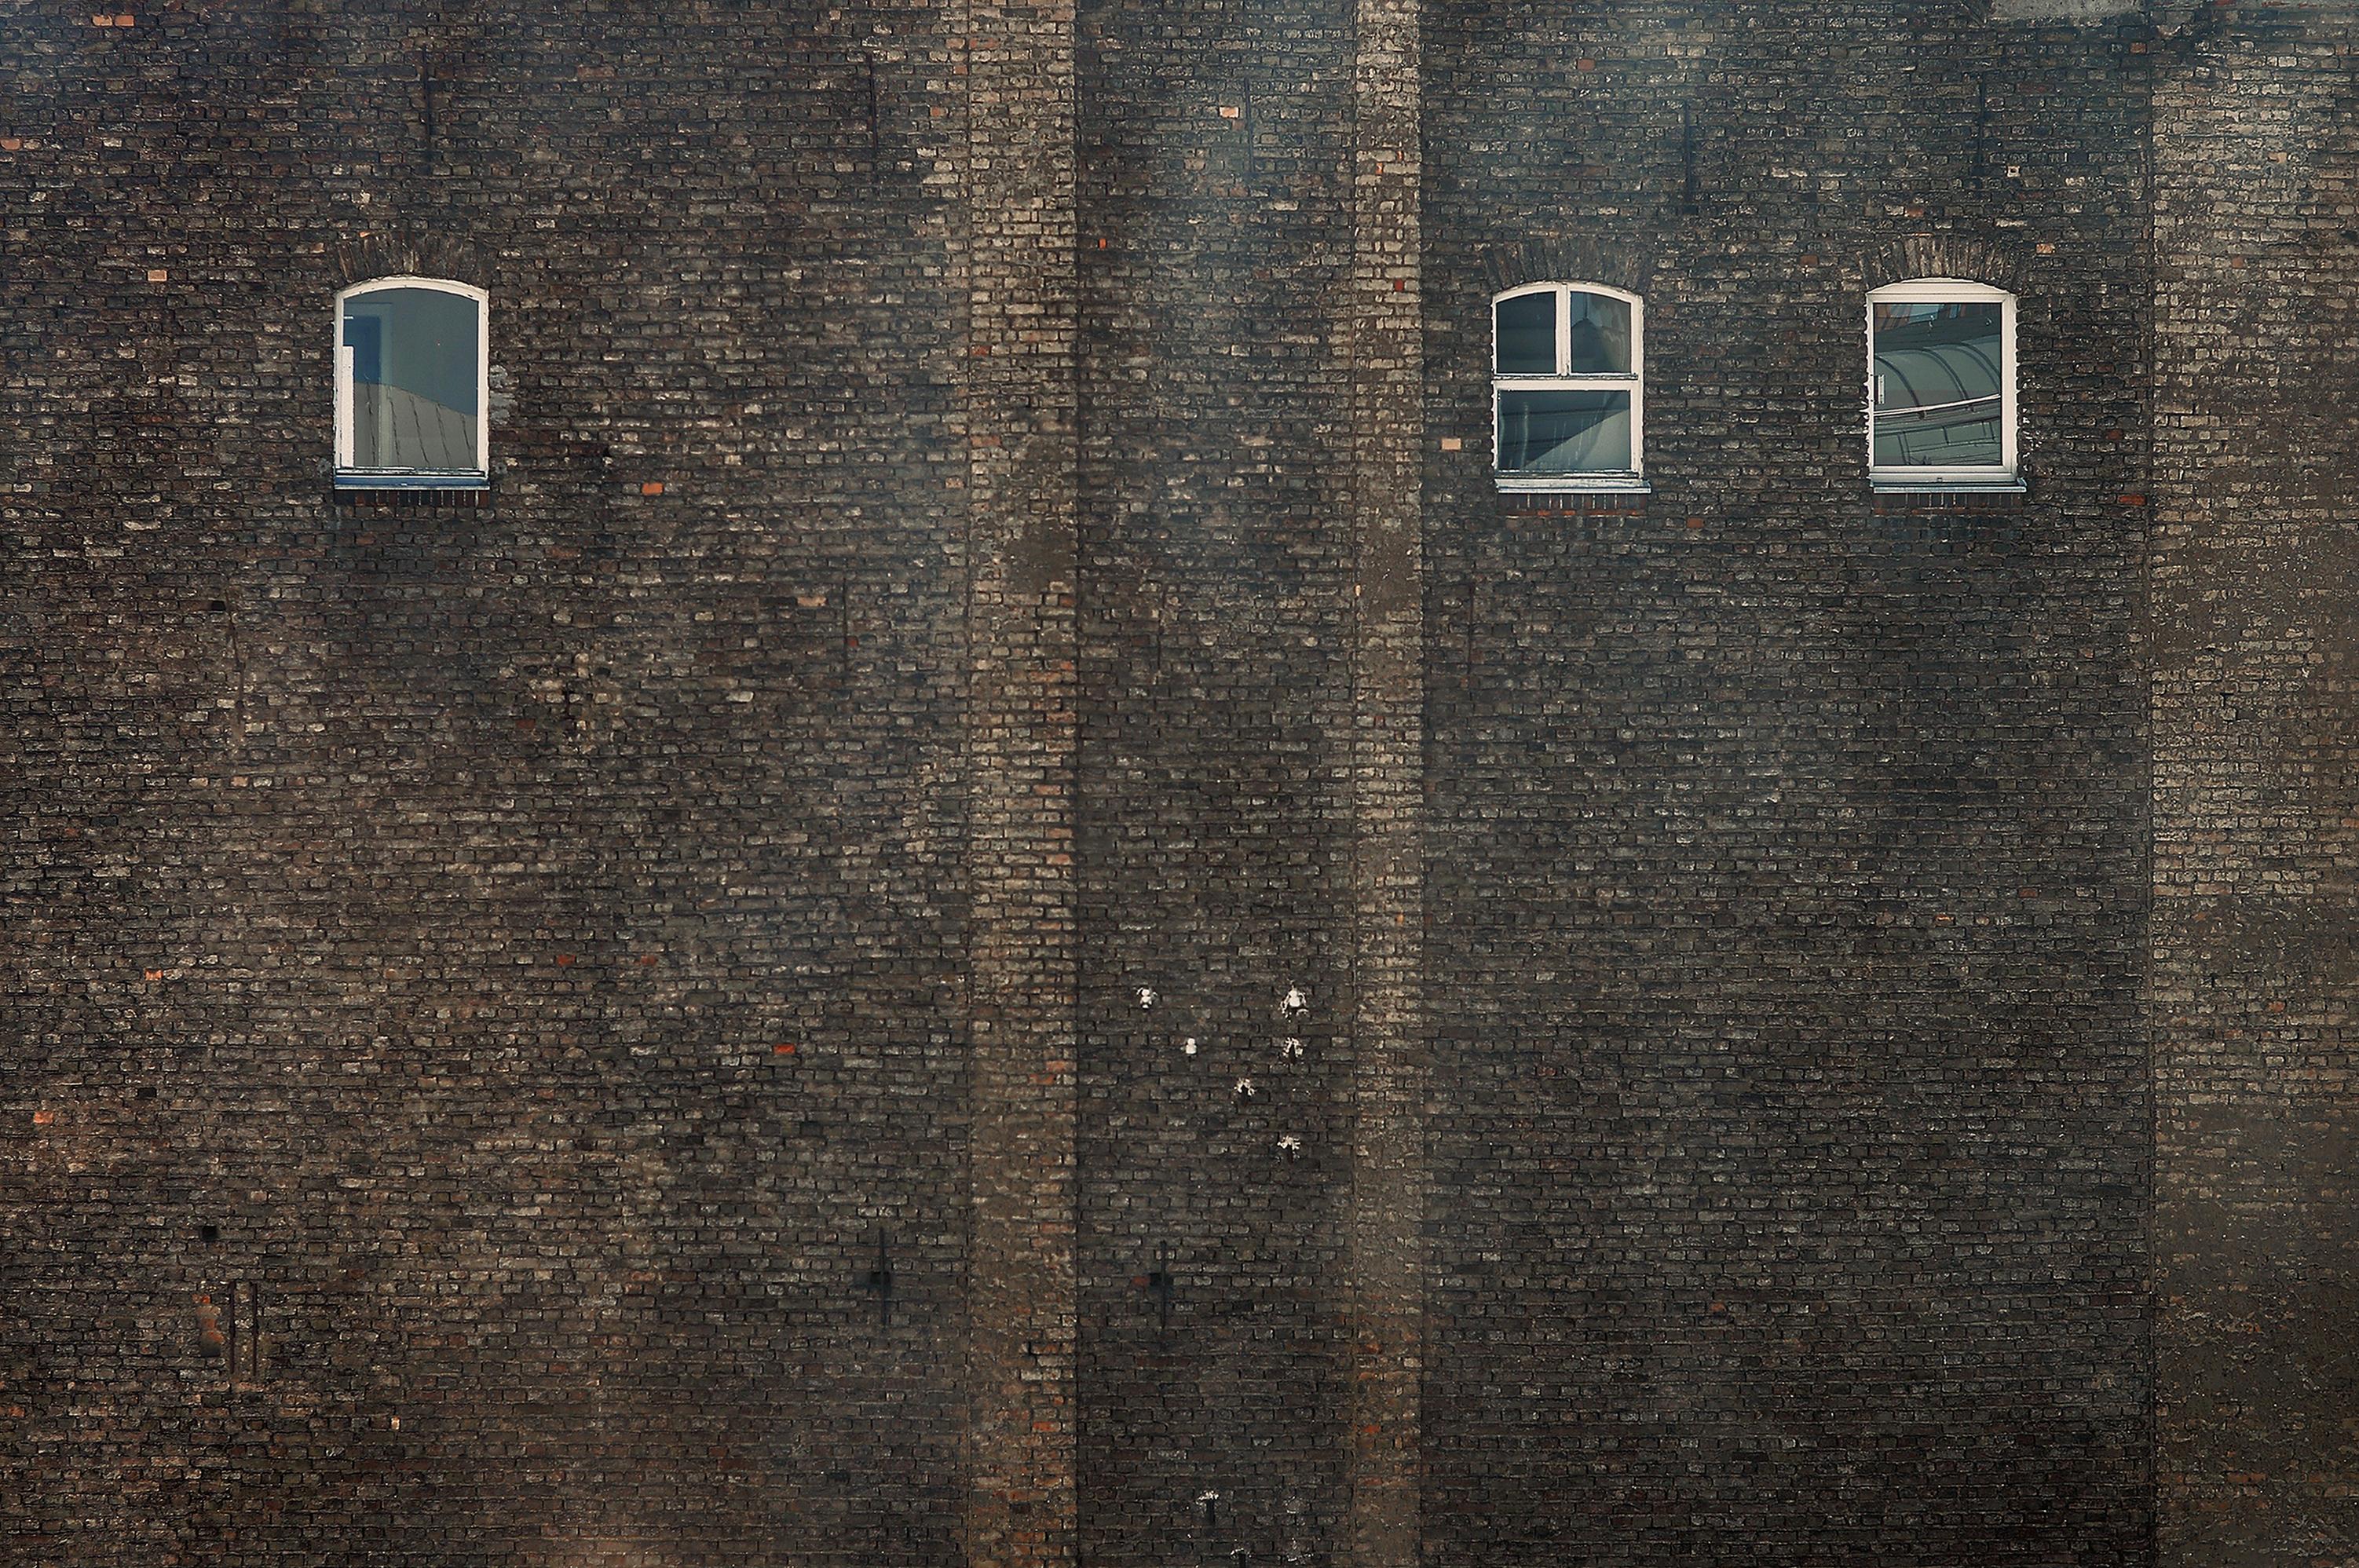 Behind The Walls by kleinerteddy